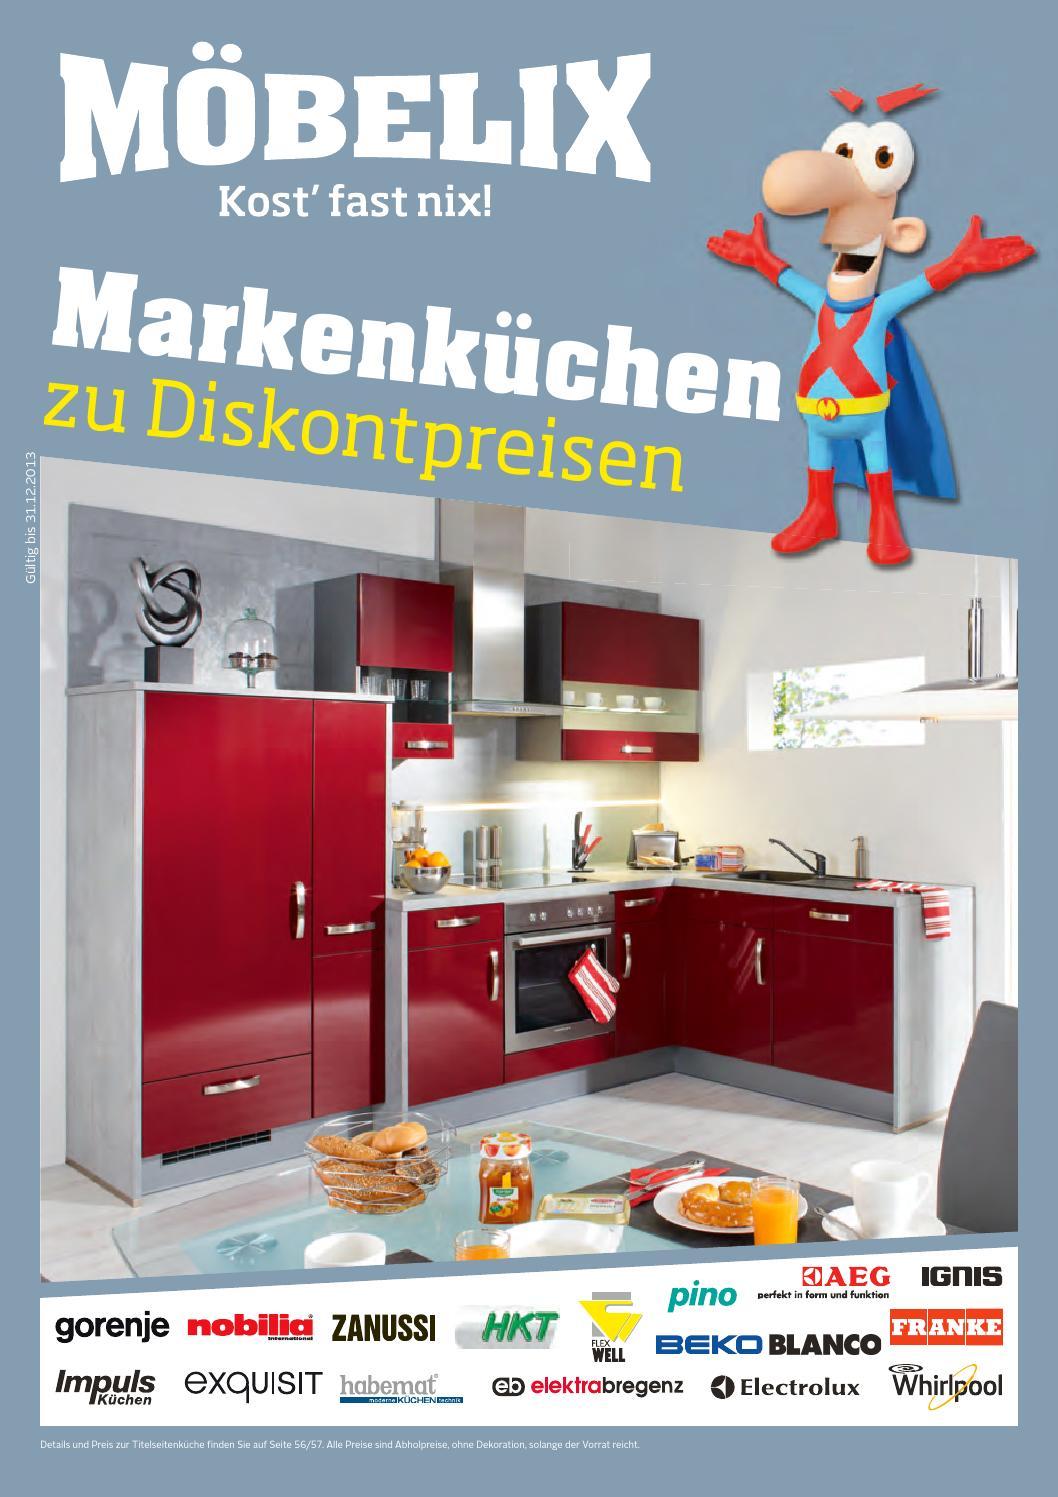 Full Size of Möbelix Küchen Mbelikatalog Gltig Bis 31 12 By Broshuri Regal Wohnzimmer Möbelix Küchen